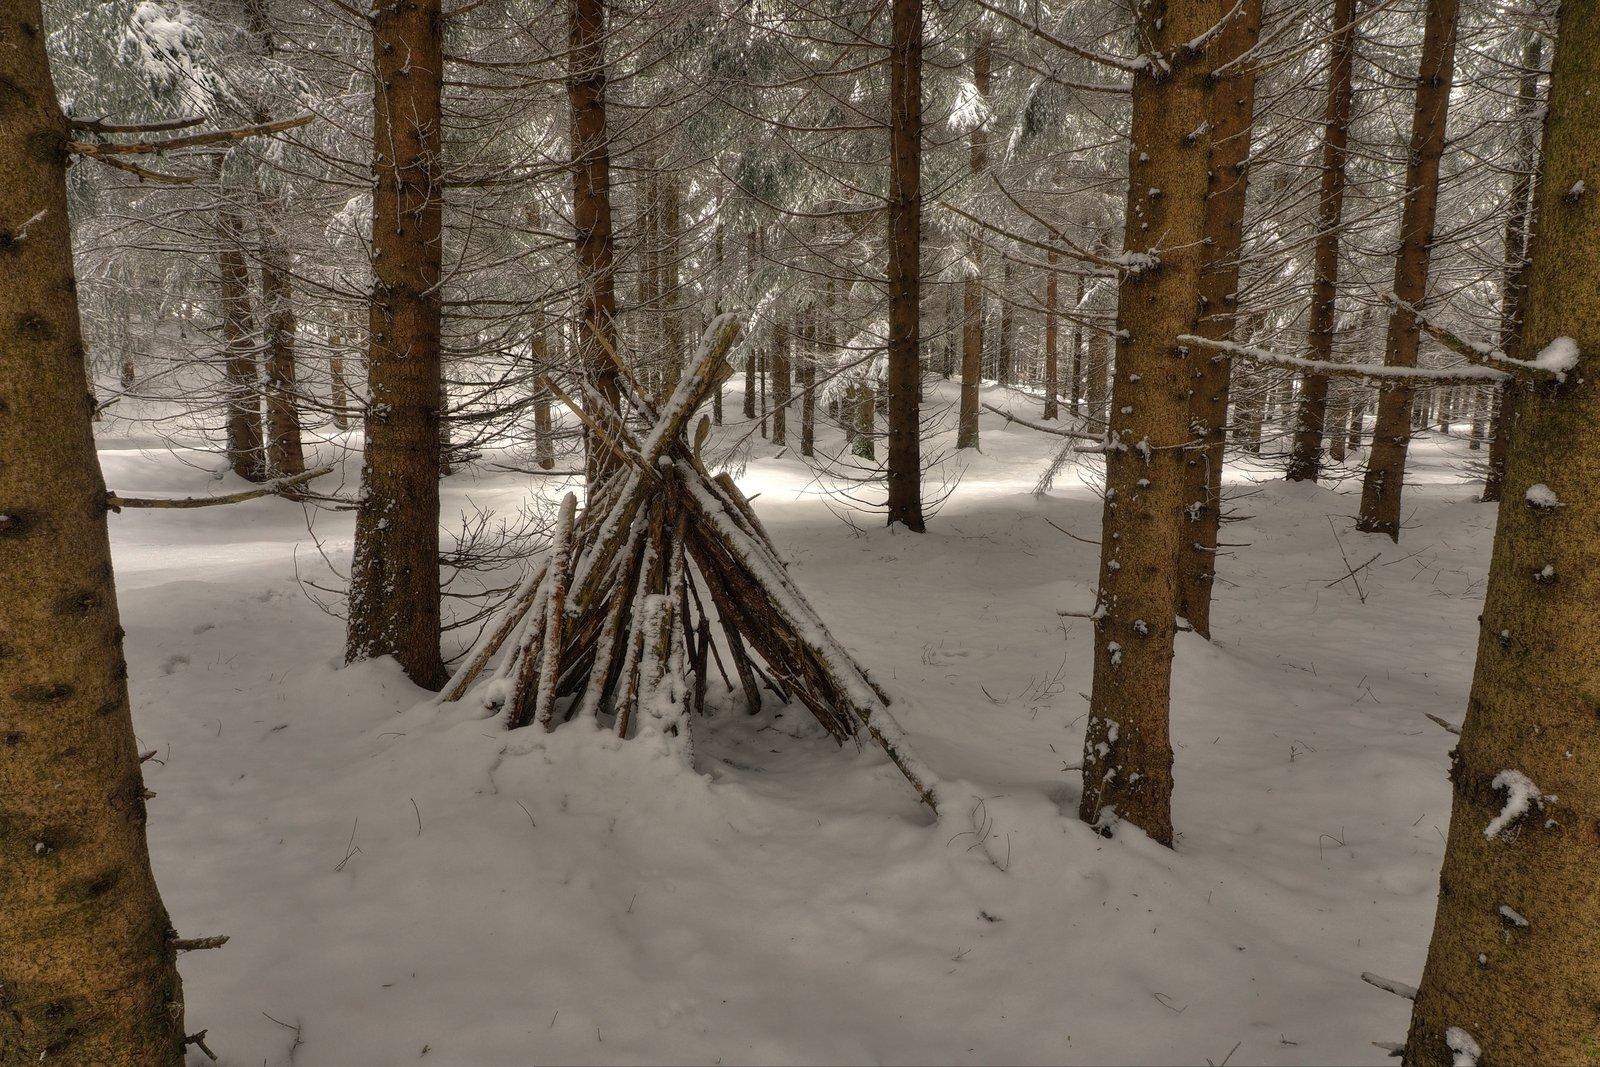 deep_winter_forest_by_burtn-d8jyzb6.jpg